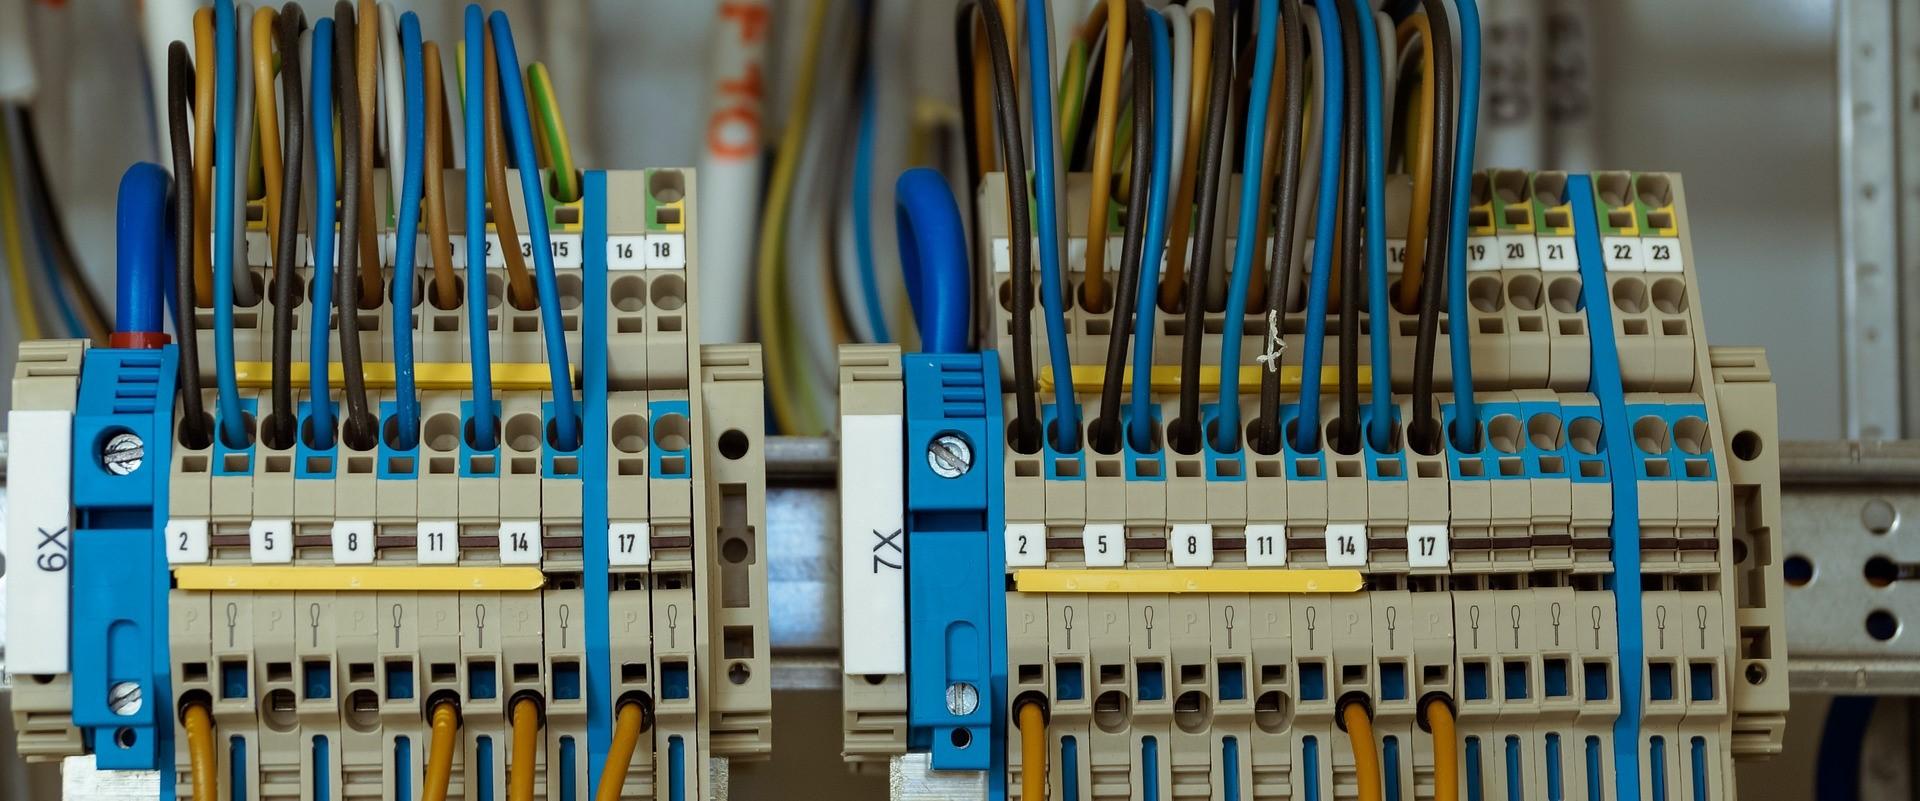 Instalatii electrice interioare Bucuresti- realizate de catre adevarati profesionisti in domeniu